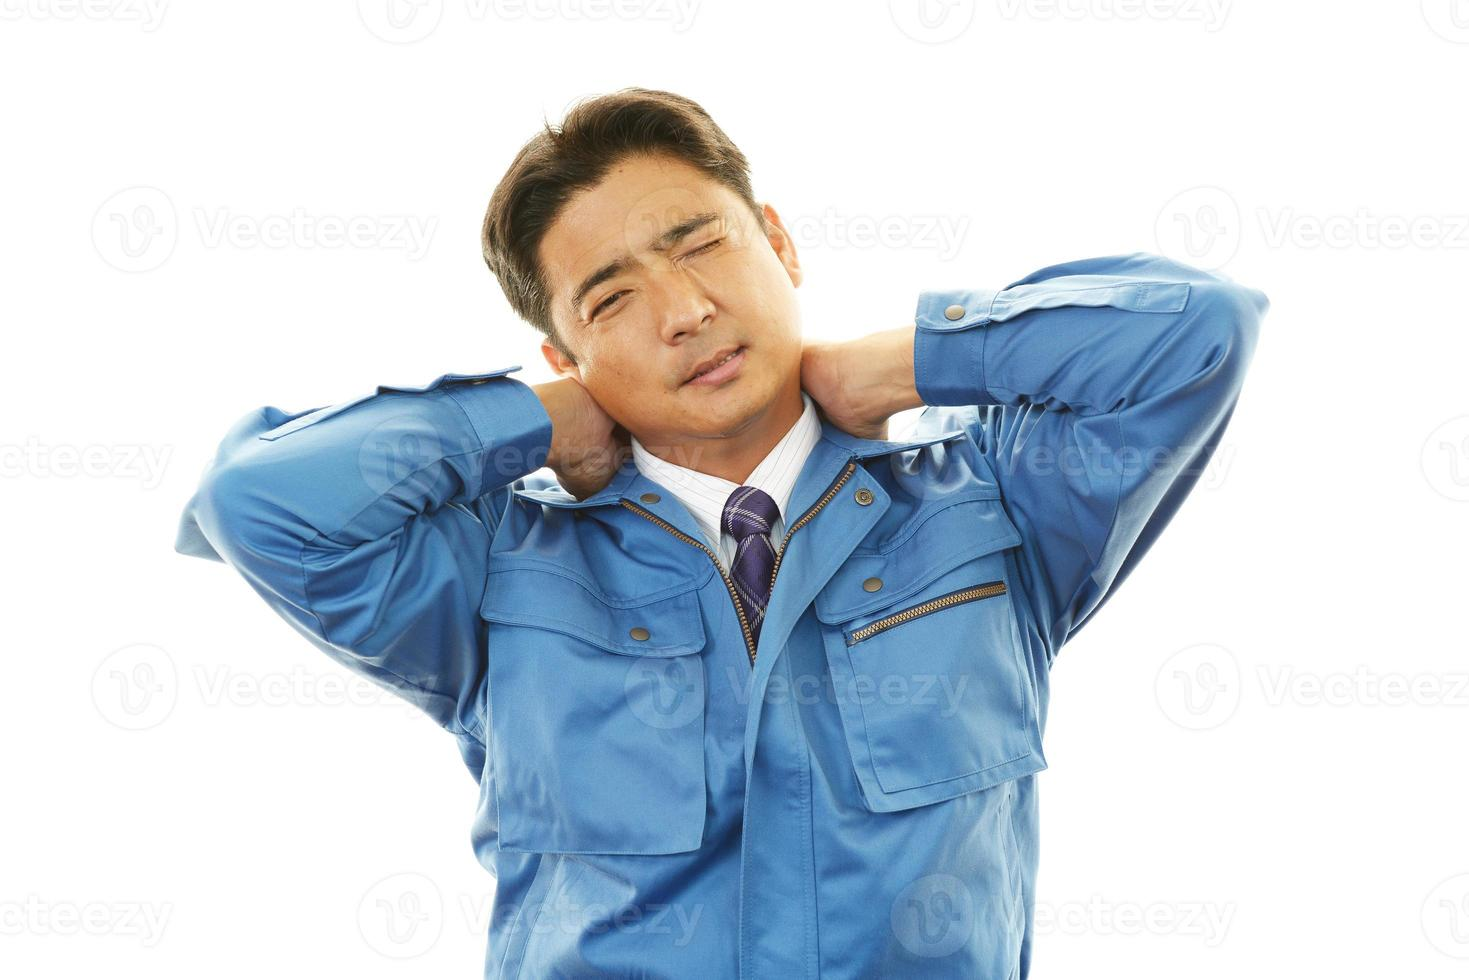 trött asiatisk arbetare foto